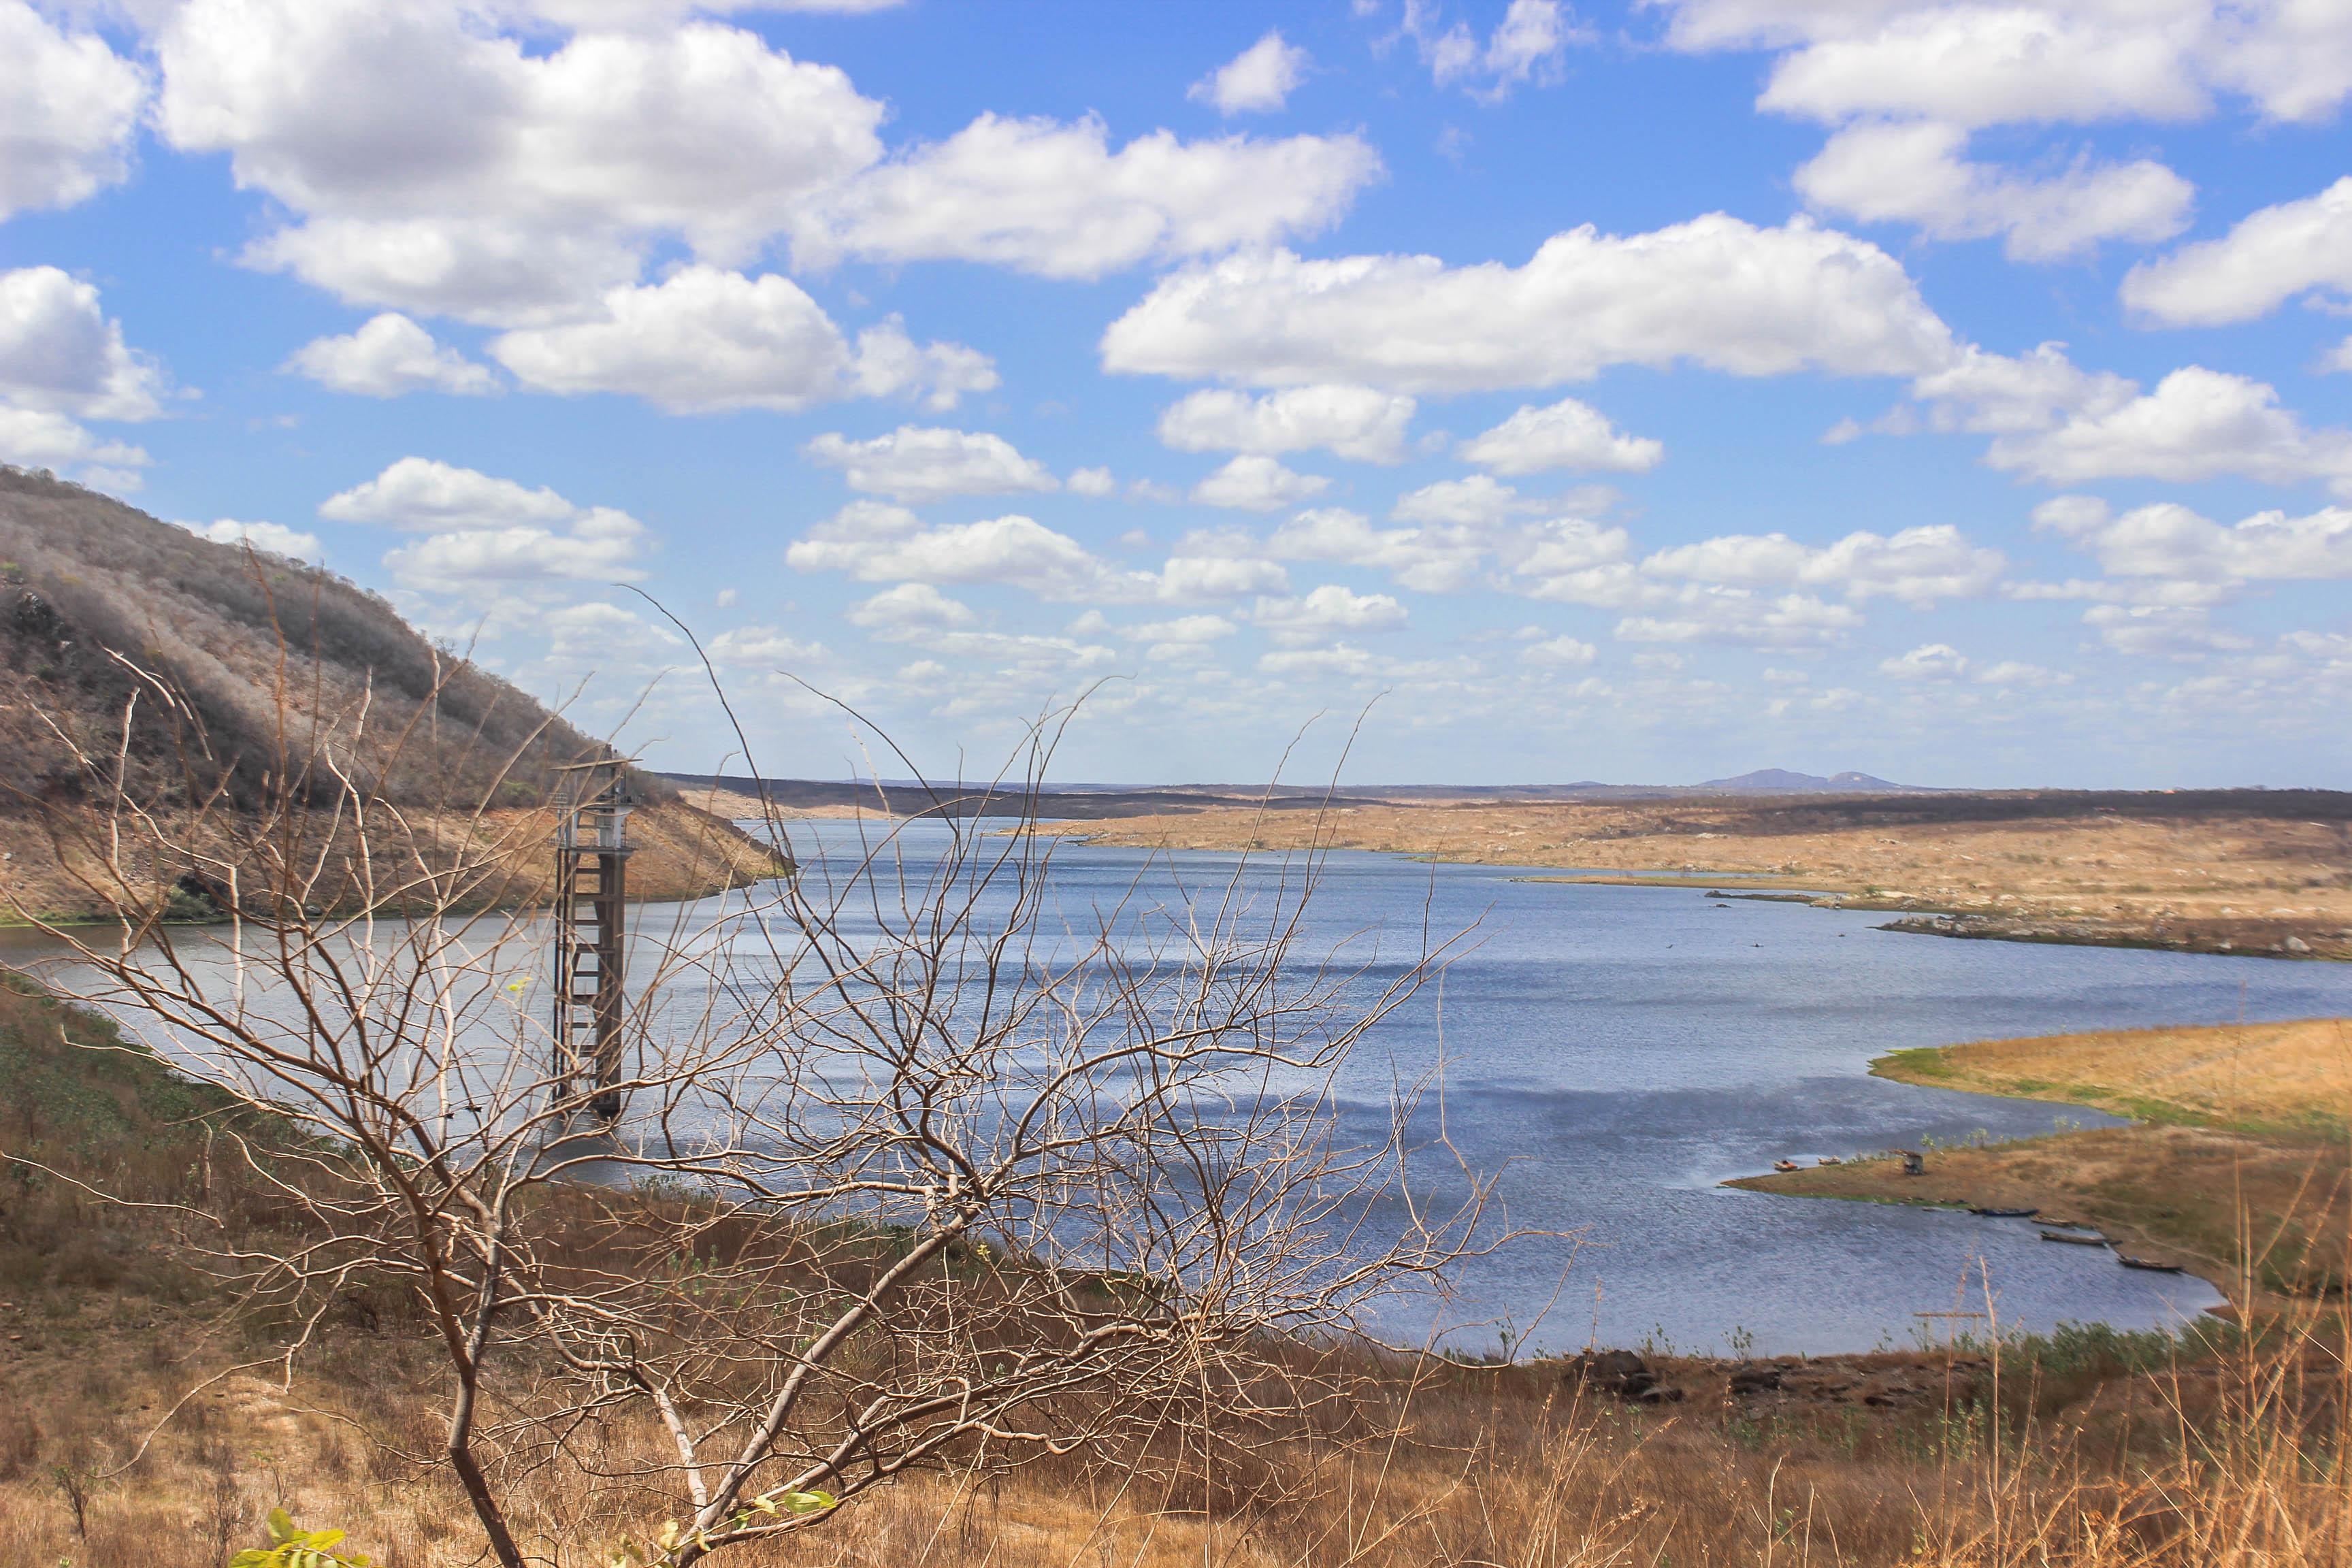 Conforme a Companhia de Gestão dos Recursos Hídricos (Cogerh), dos 155 reservatórios monitorados pelo órgão, 89 estão com volume abaixo dos 30% (FOTO: Milena Kury)